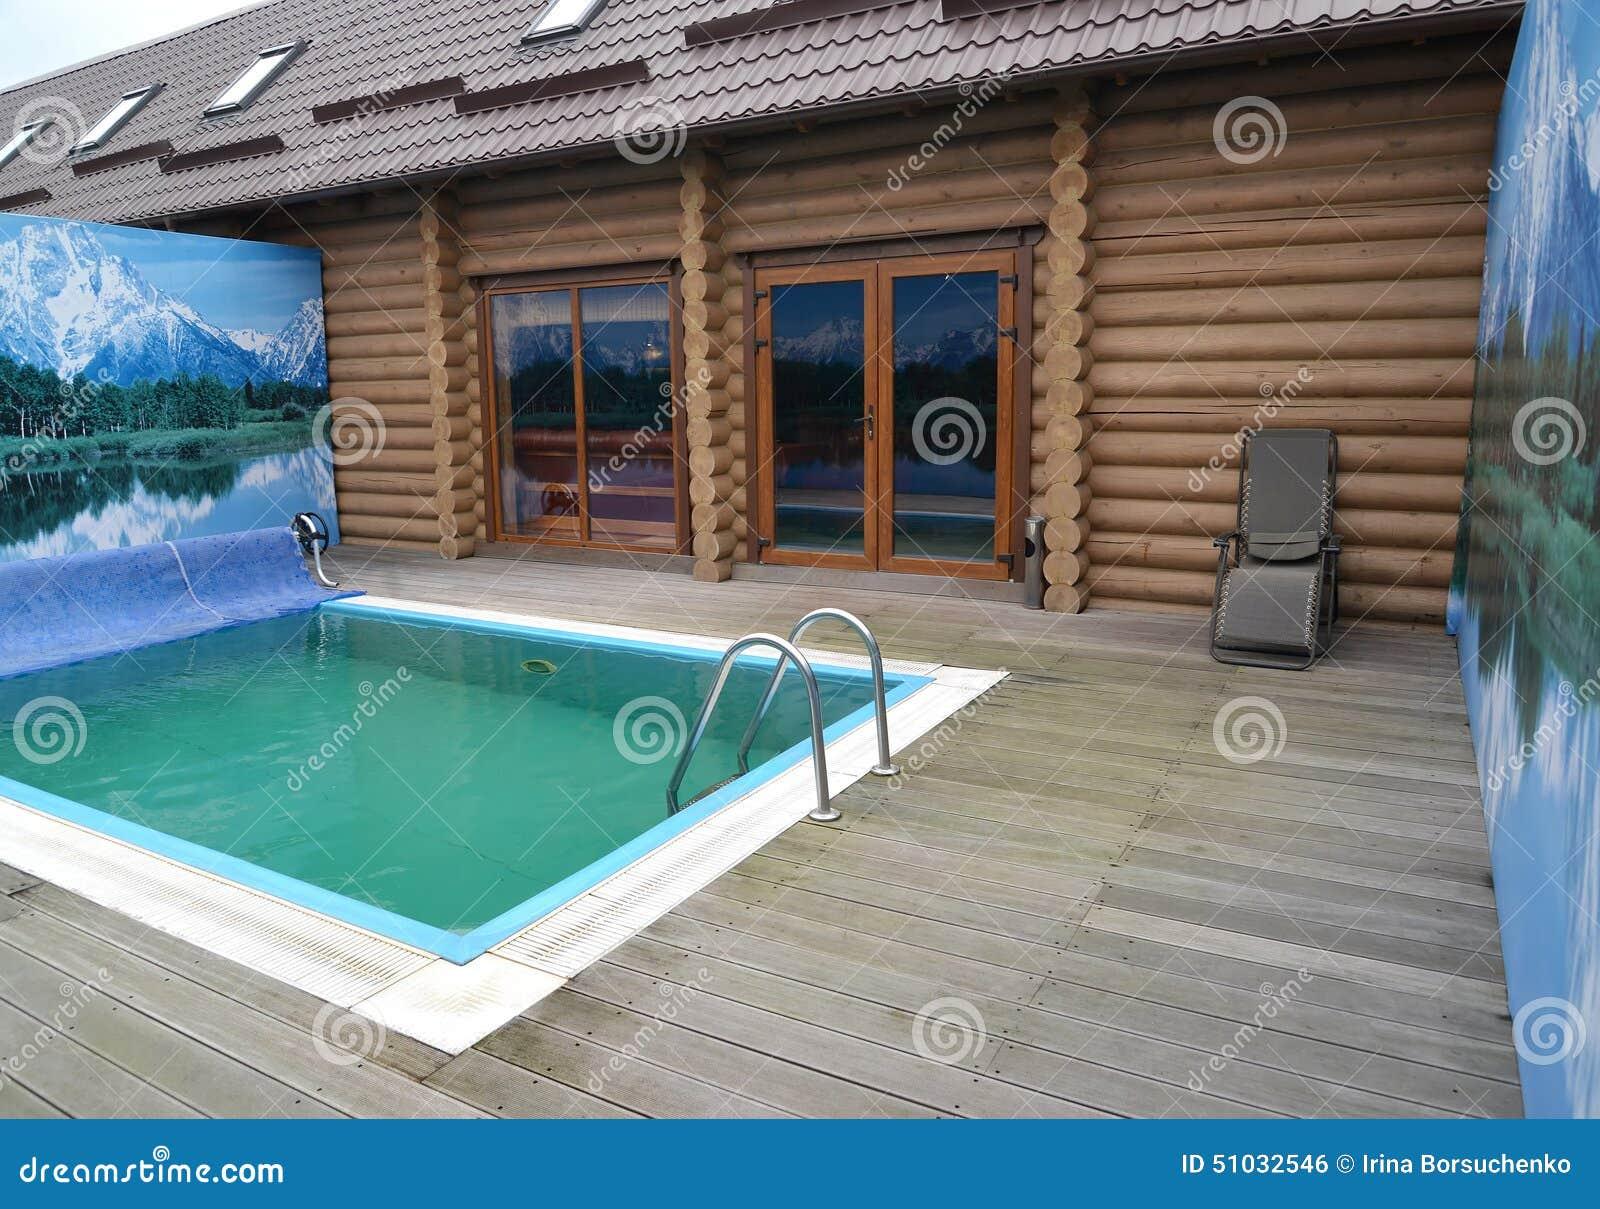 Welchen Fußboden In Der Sauna ~ Der swimmingpool im freien im gebiet einer sauna kaliningr stockfoto